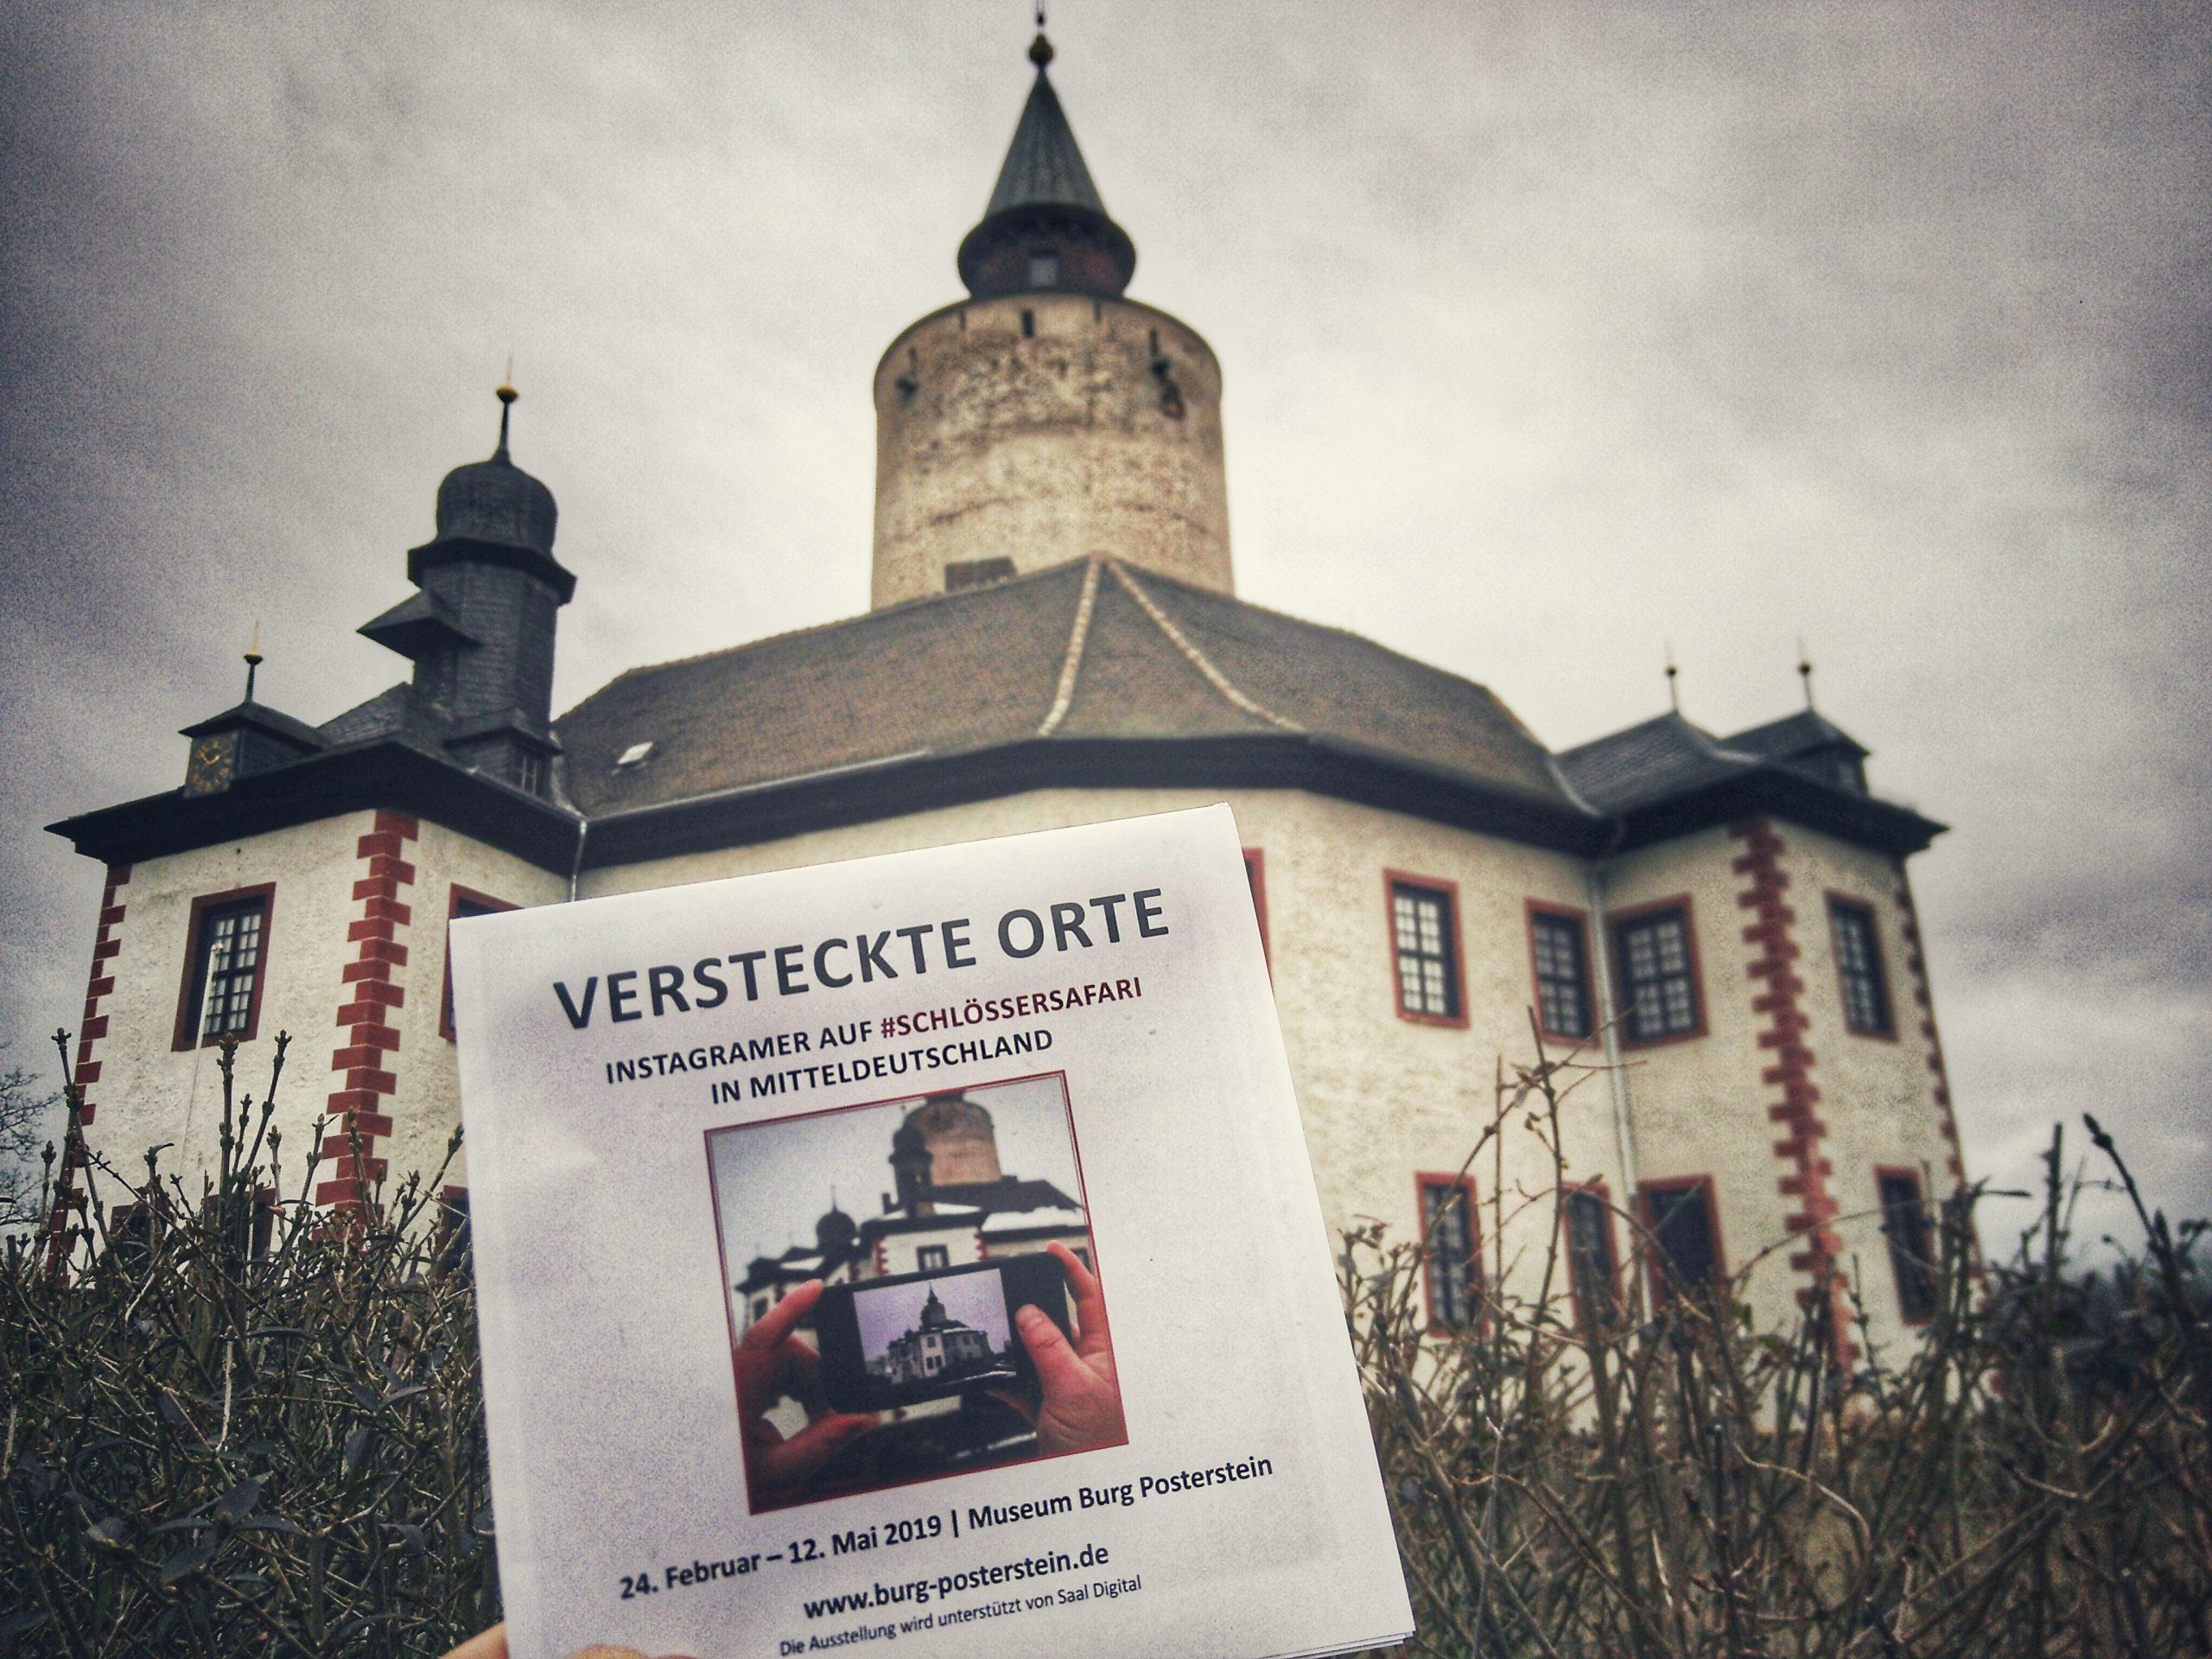 Versteckte Orte: Instagramer auf #Schlössersafari in Mitteldeutschland